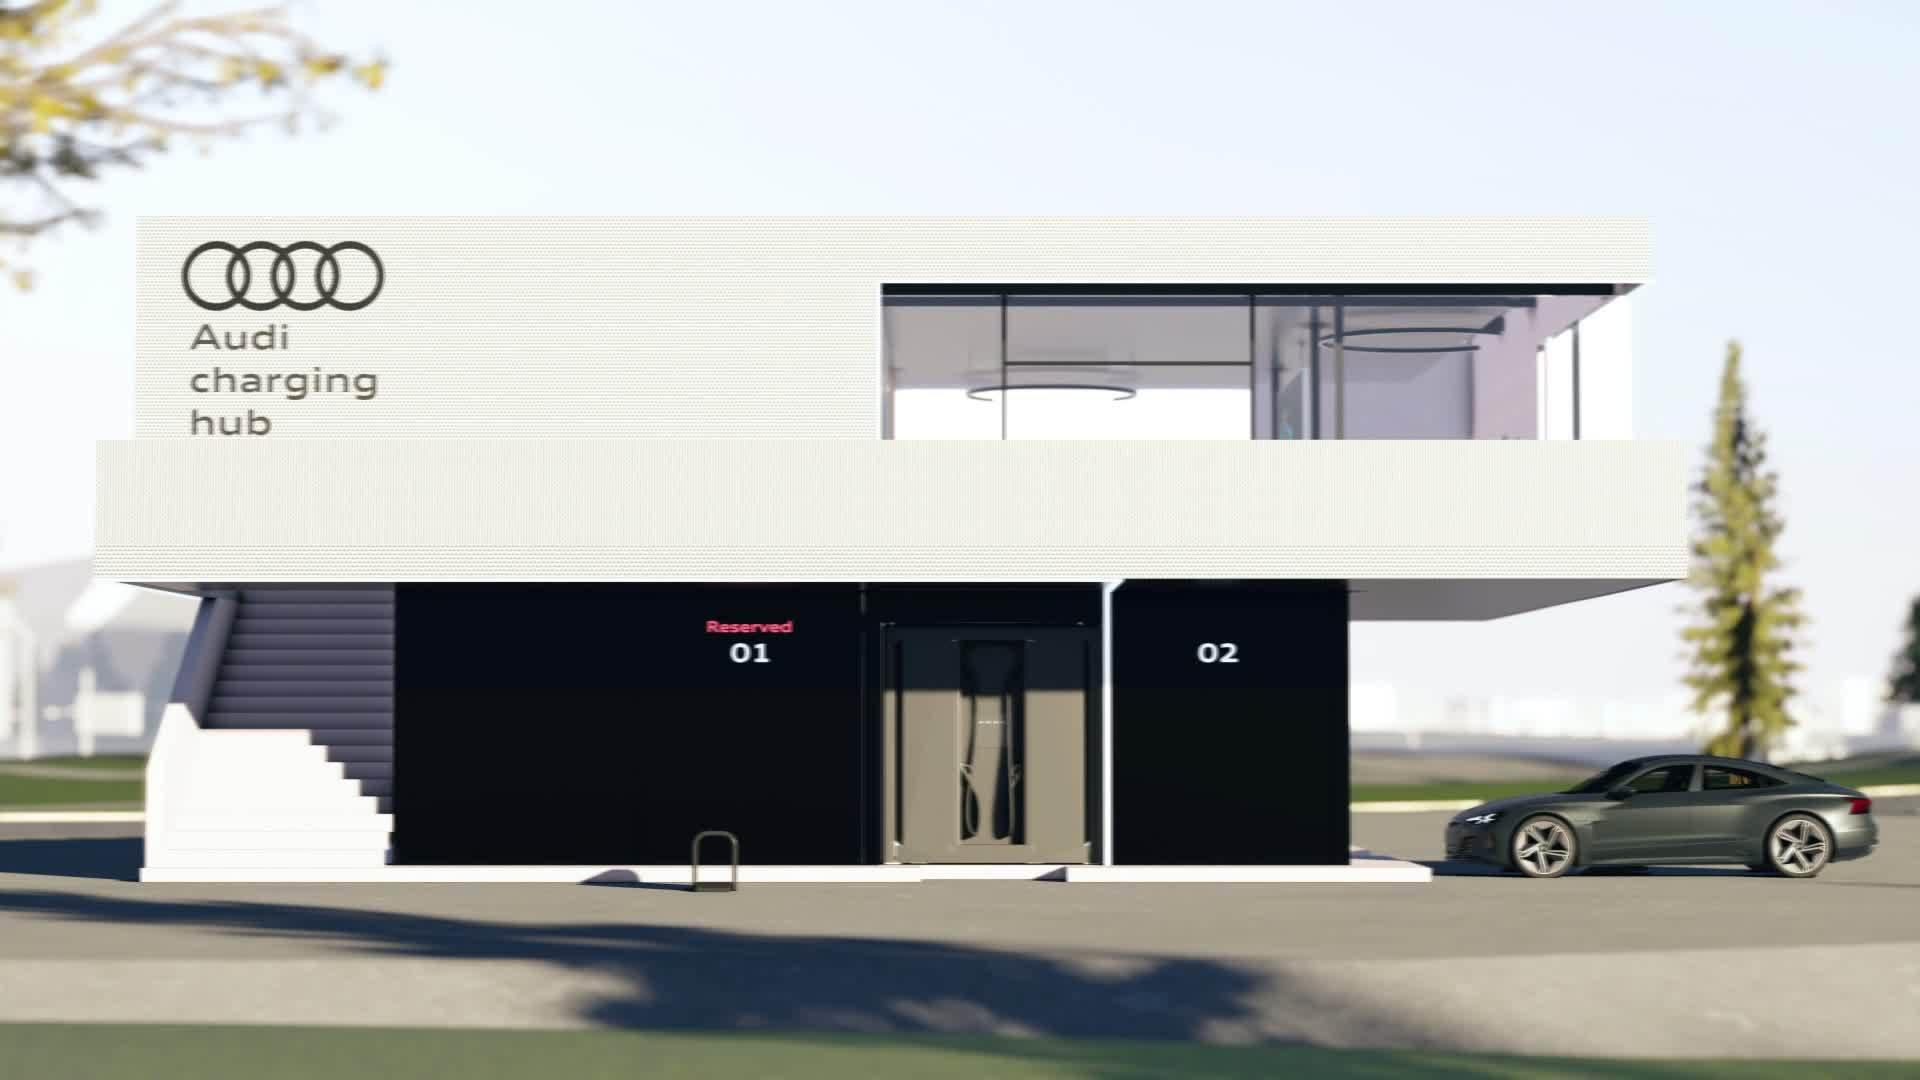 Ein neues Ladekonzept für Elektroautos: der Audi charging hub